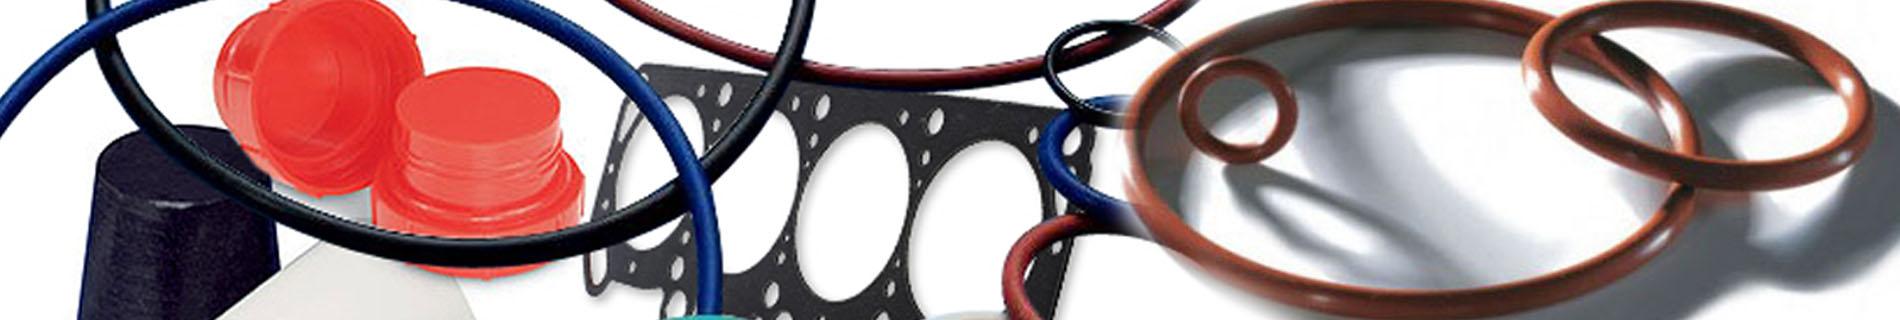 O-rings banner